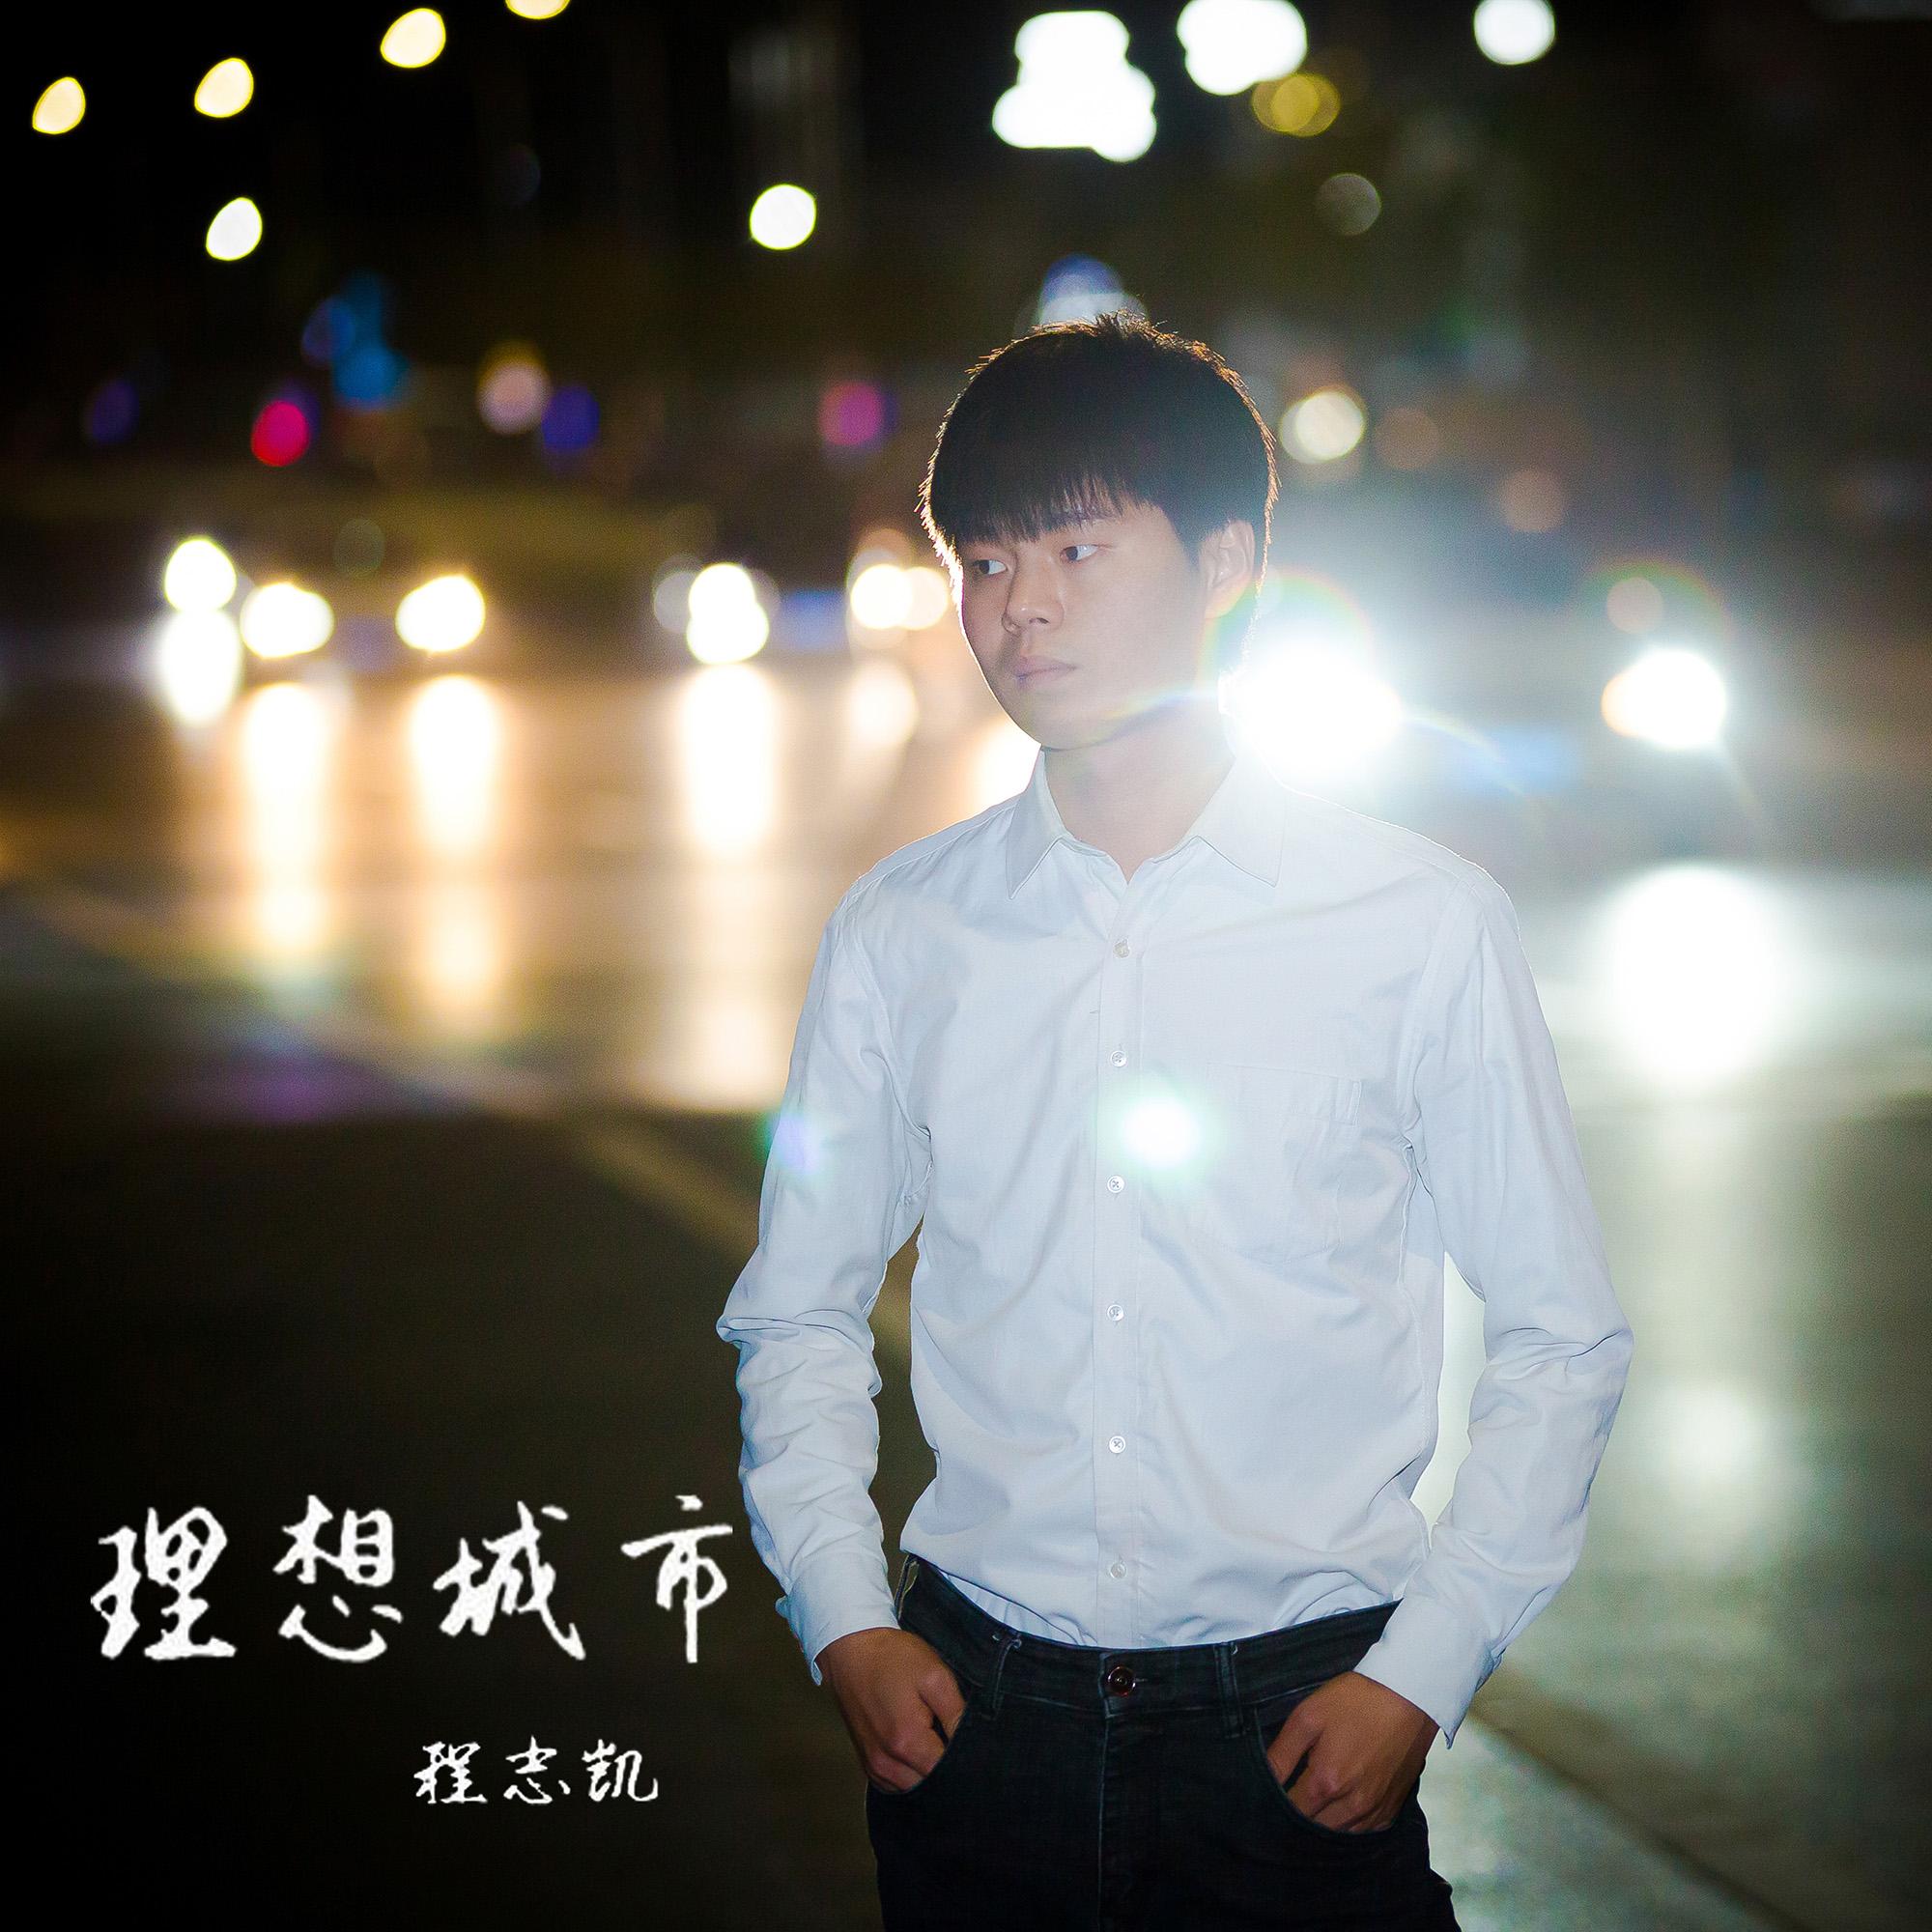 音乐人程志凯首张EP专辑《理想城市》发行,摇滚释放能量